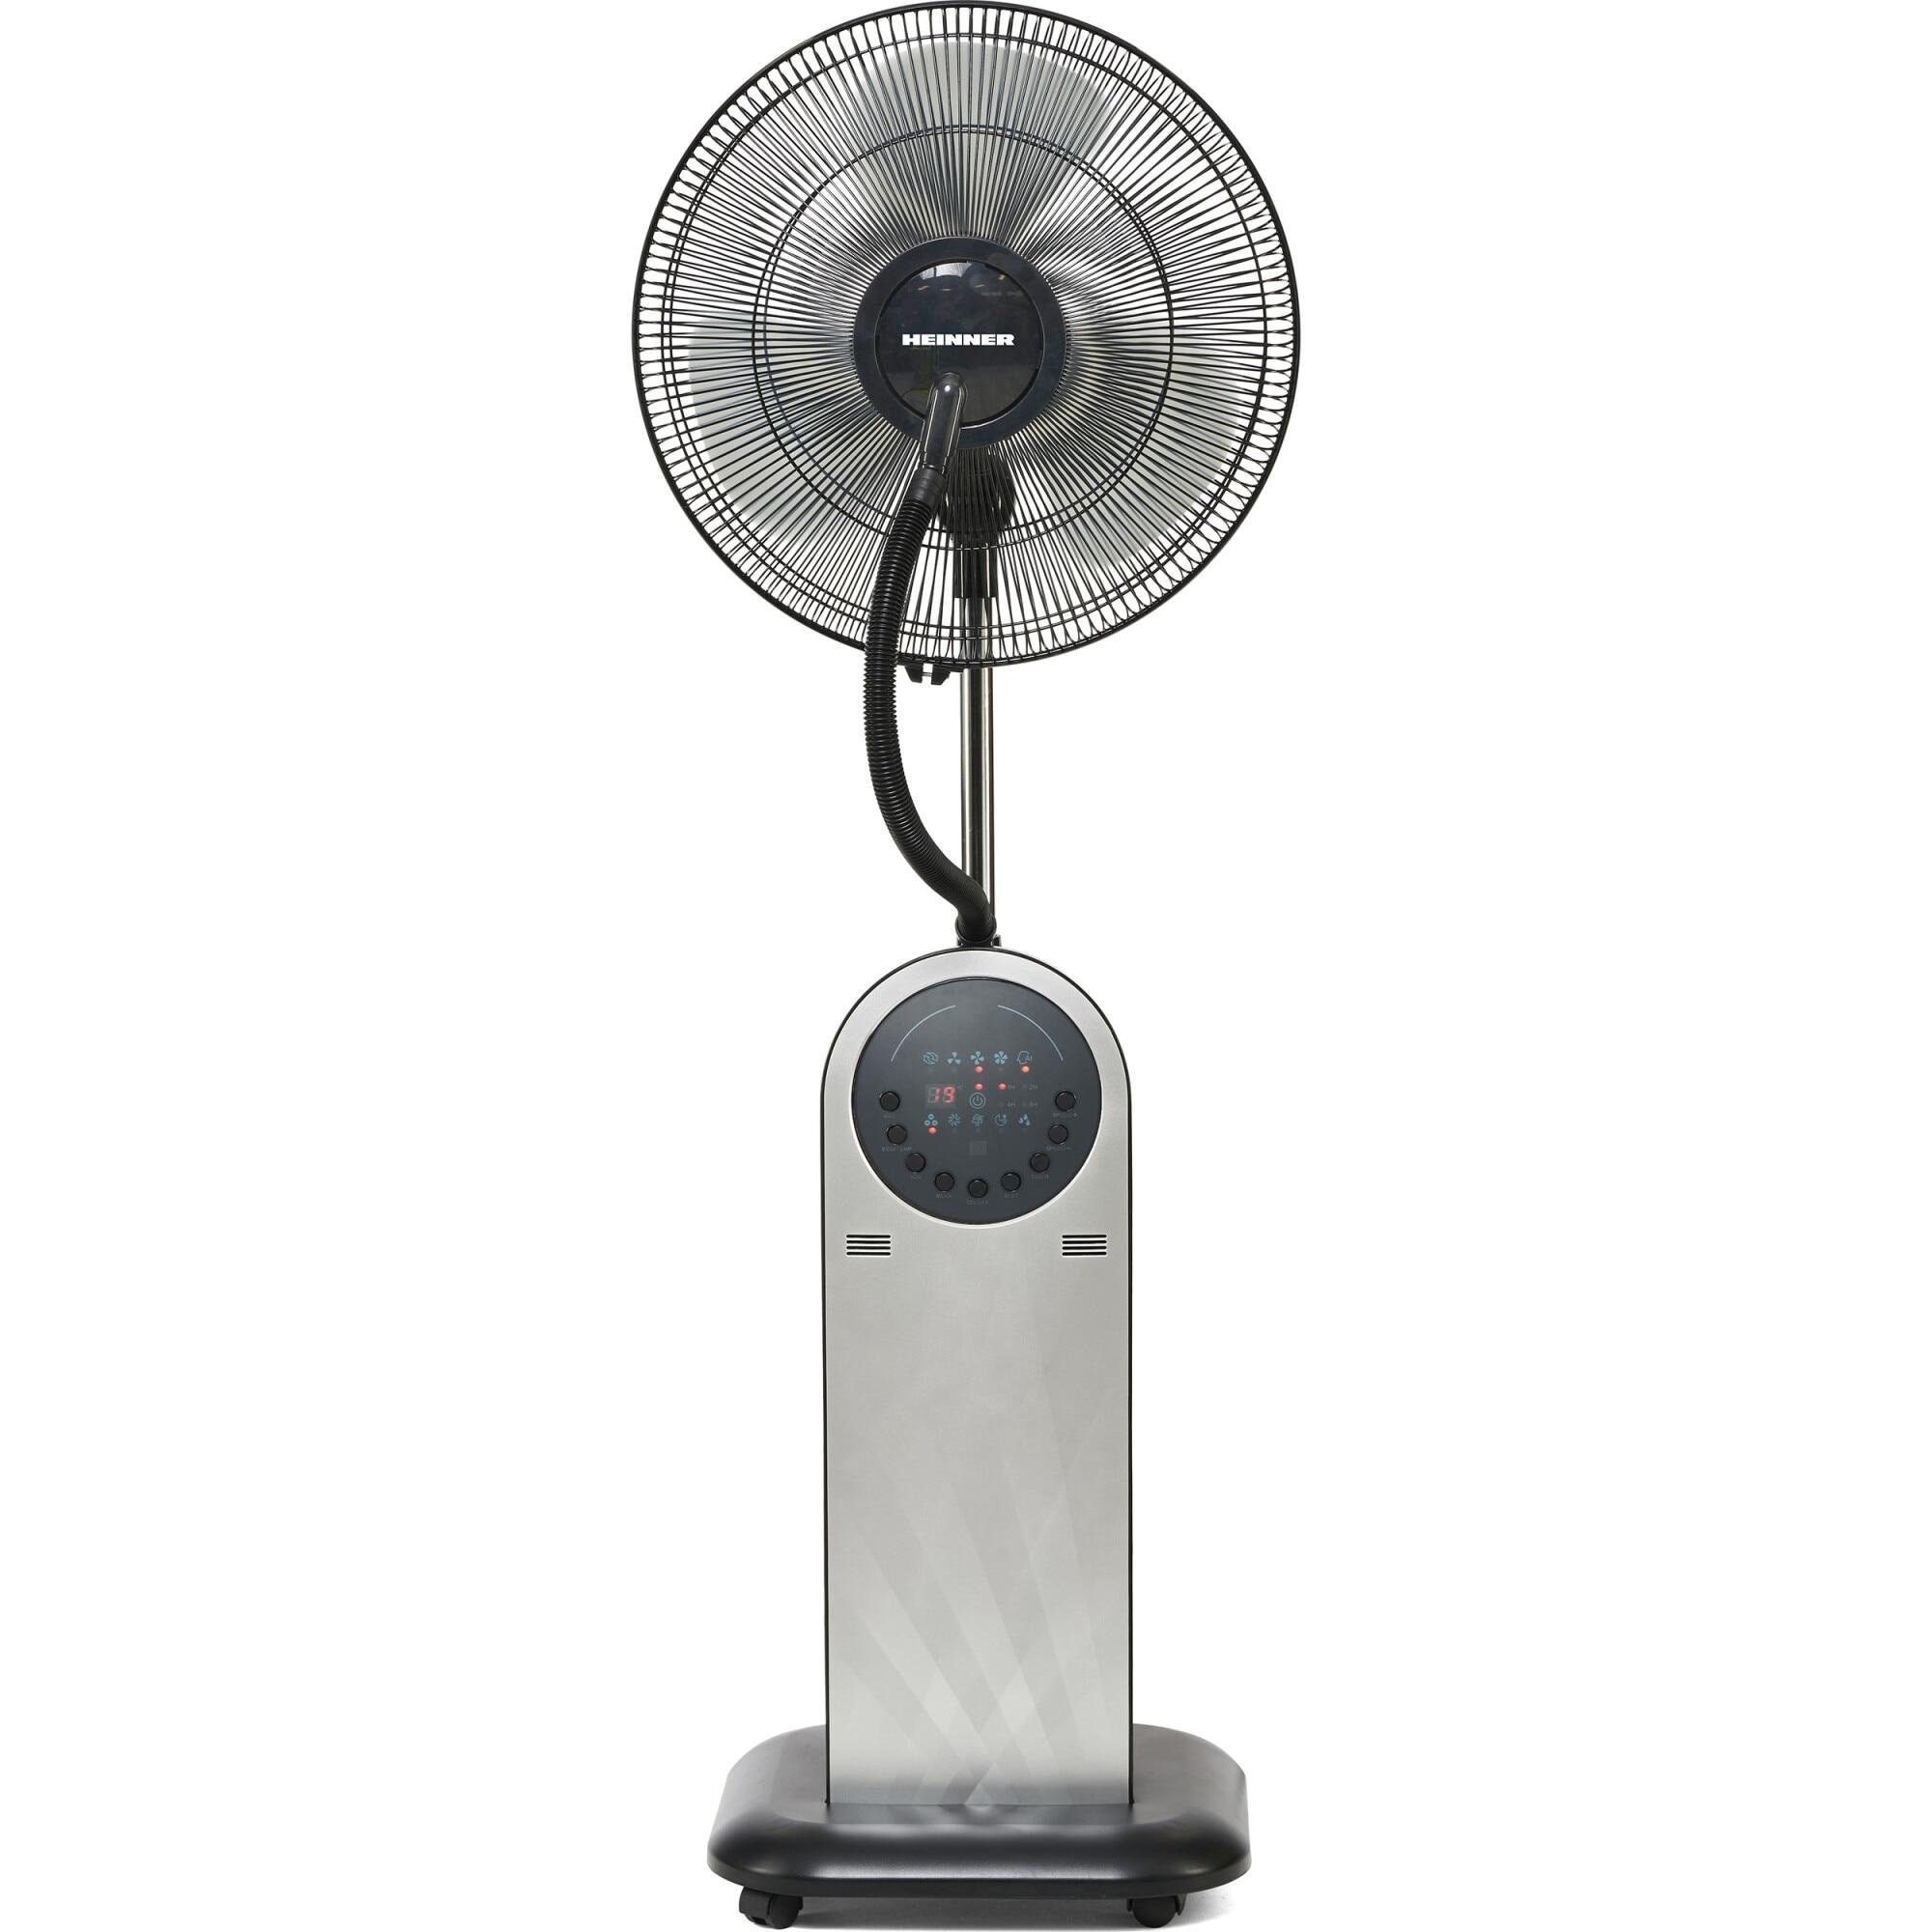 Fotografie Ventilator cu picior Heinner HMF-18GREY, 95 W, Rezervor apa 1.8 l, Telecomanda, Umidificare 360, 3 tipuri de ventilare, Temporizator, Gri